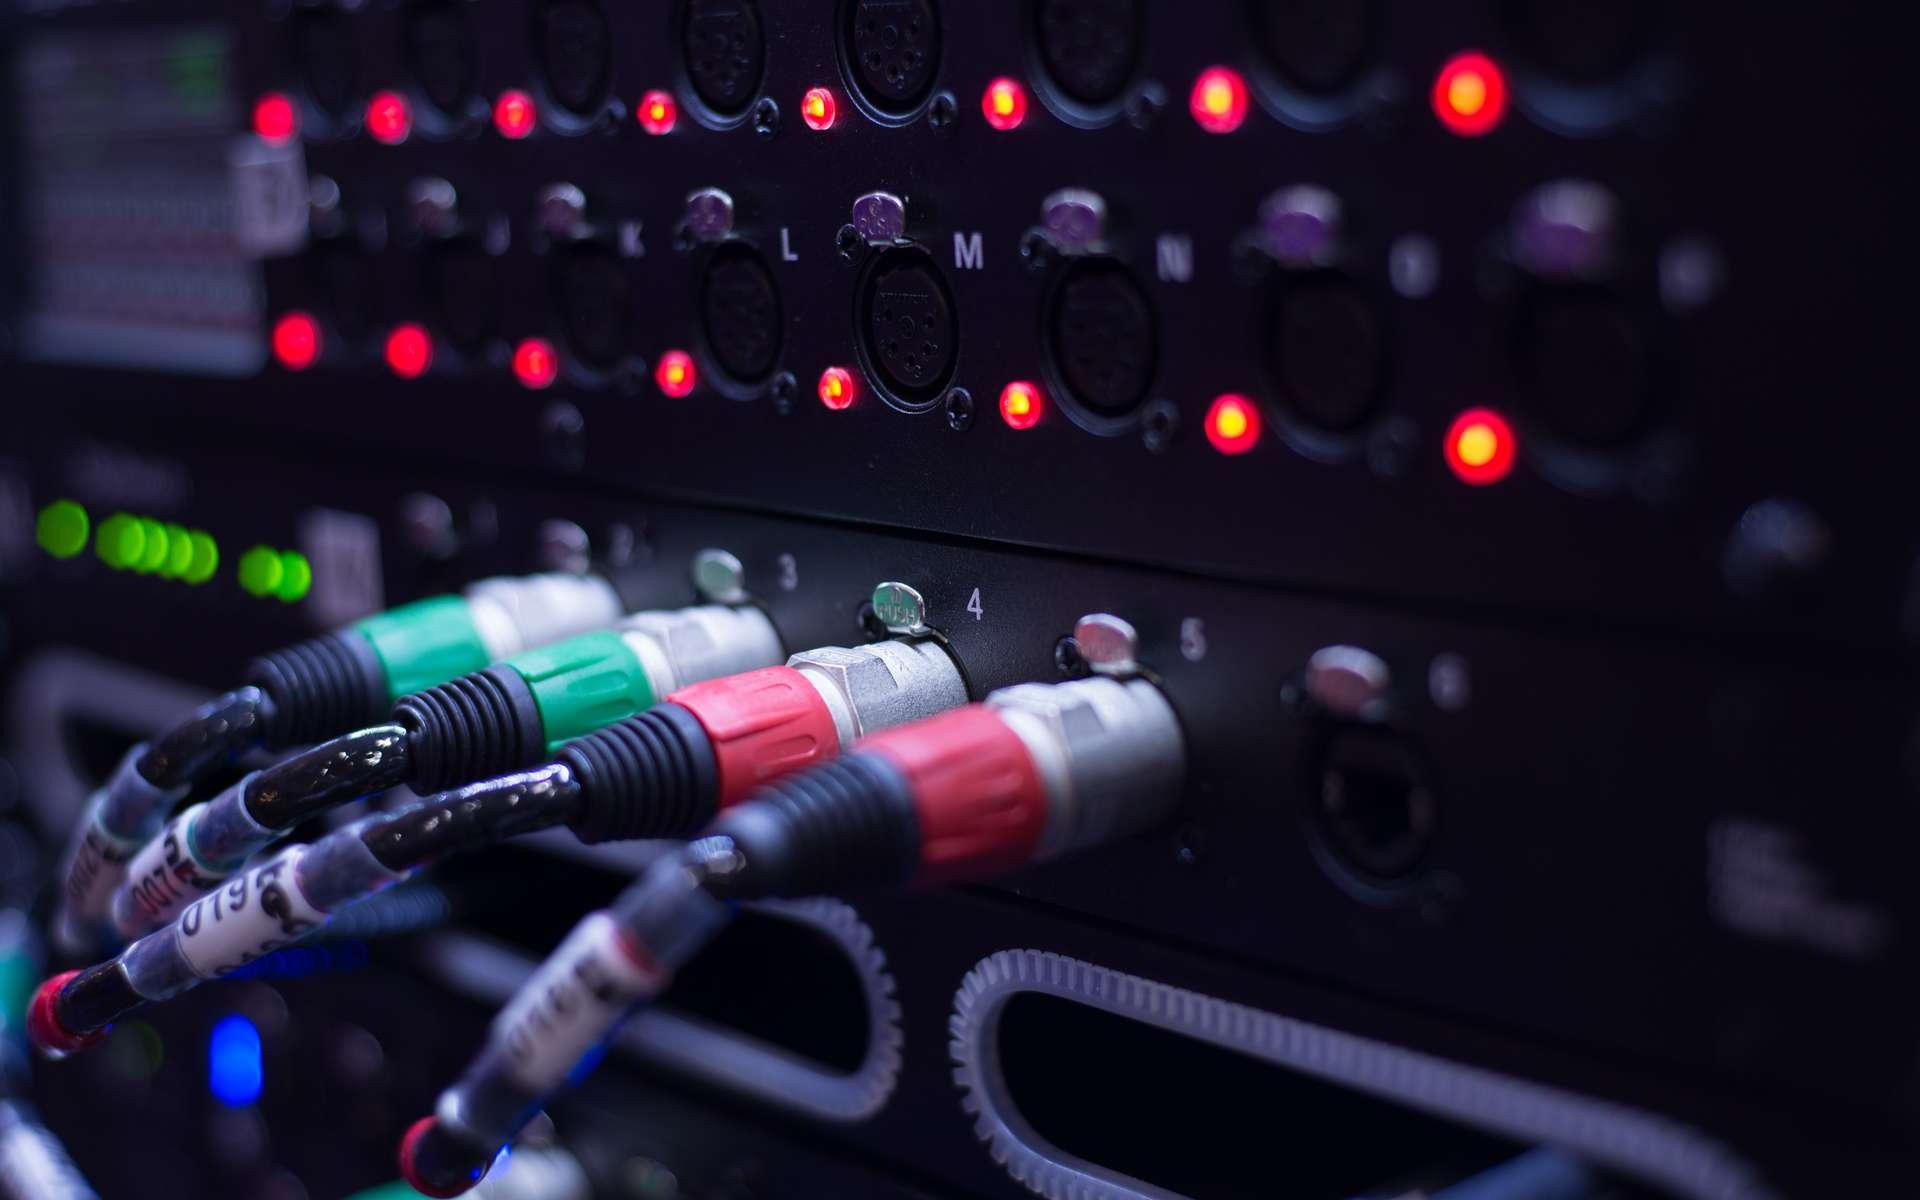 Un meilleur son est dorénavant accessible, à tous. © sakhno, Adobe Stock